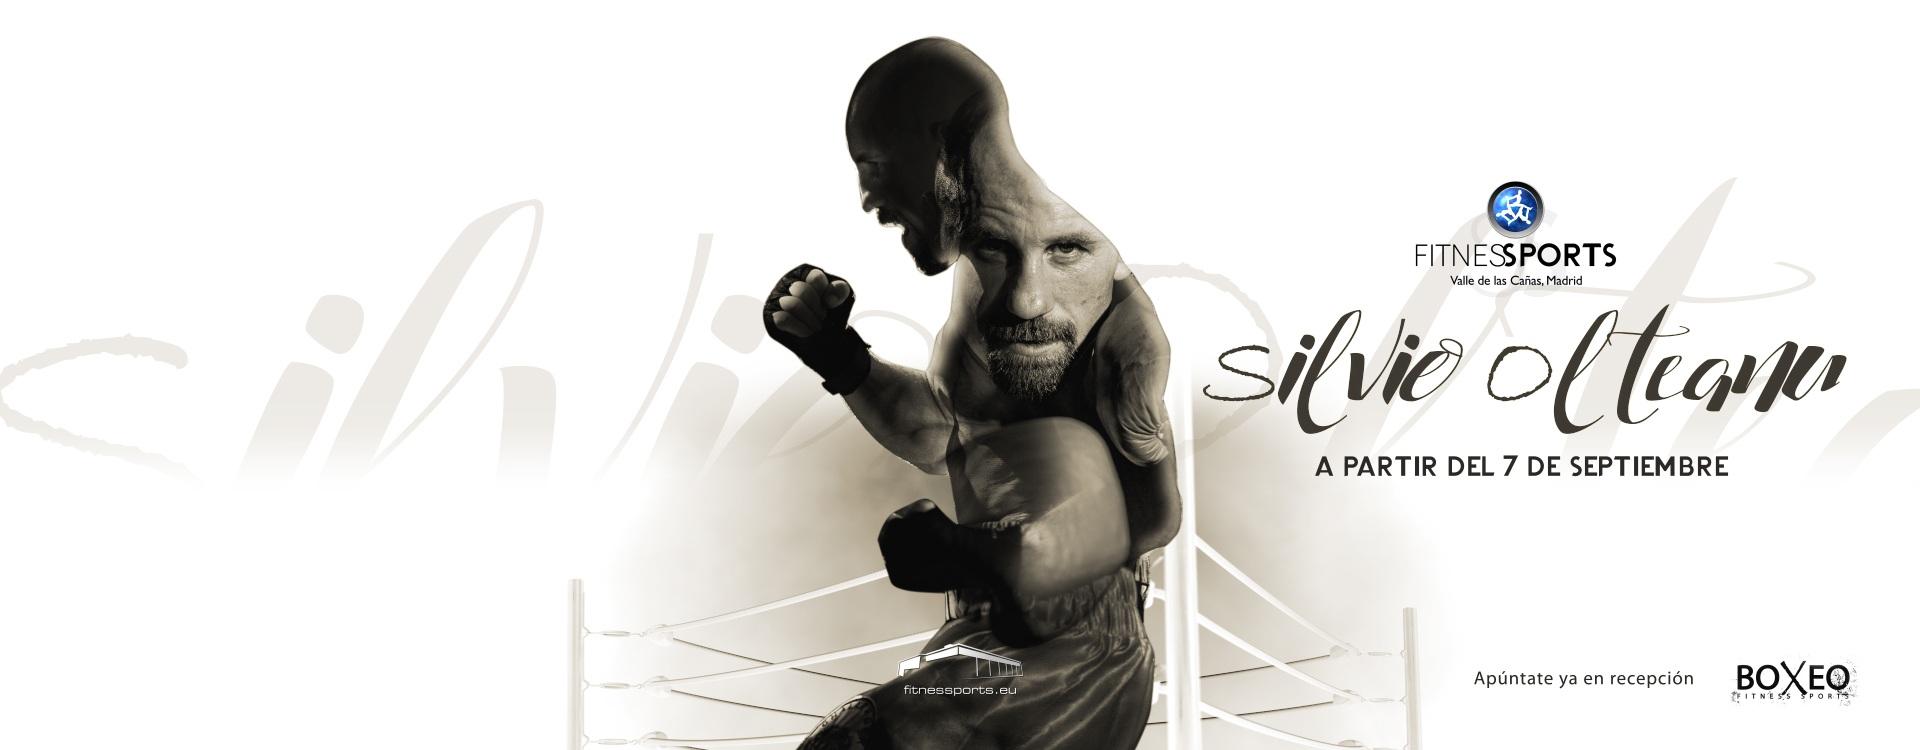 Silvio Olteanu Escuela de Boxeo en Madrid Fitness Sports Valle las Cañas by PerfectPixel Publicidad